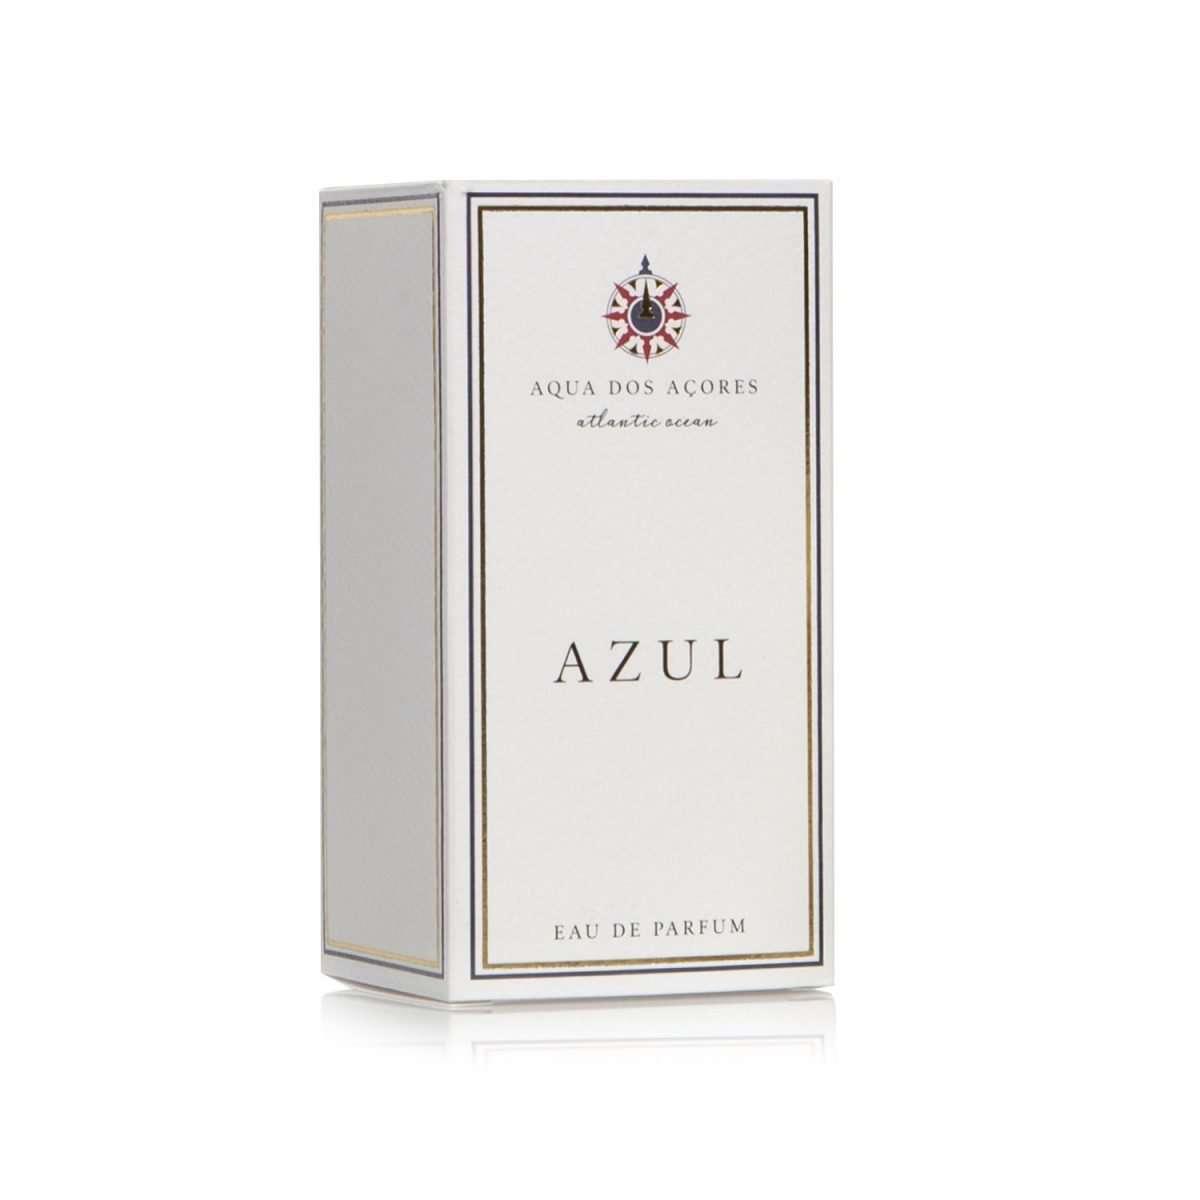 Azul Aqua dos Azores eau de parfum box